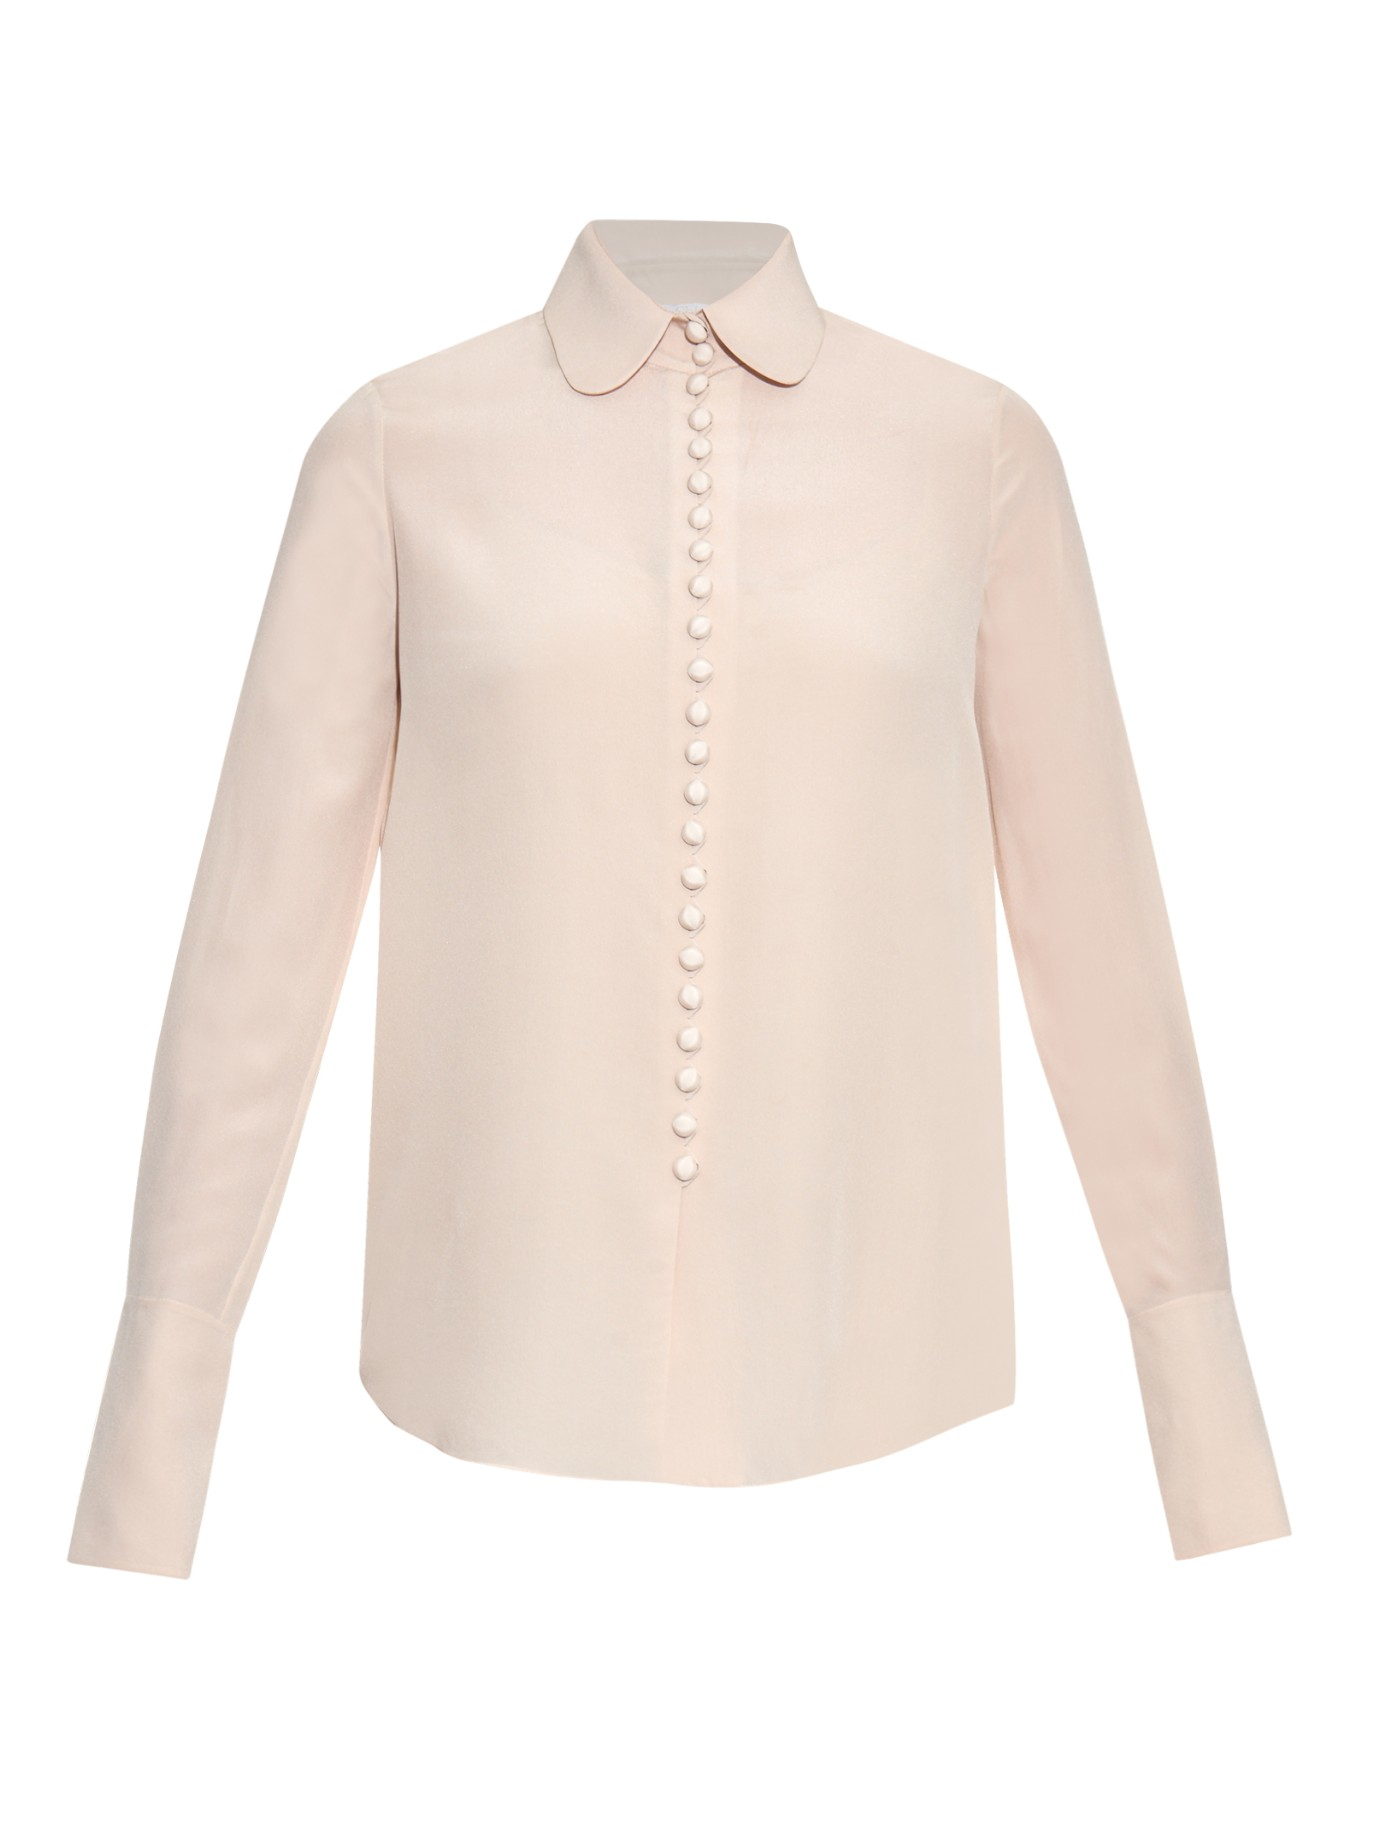 197db6904cda7 Lyst - Chloé Button-through Silk Blouse in White